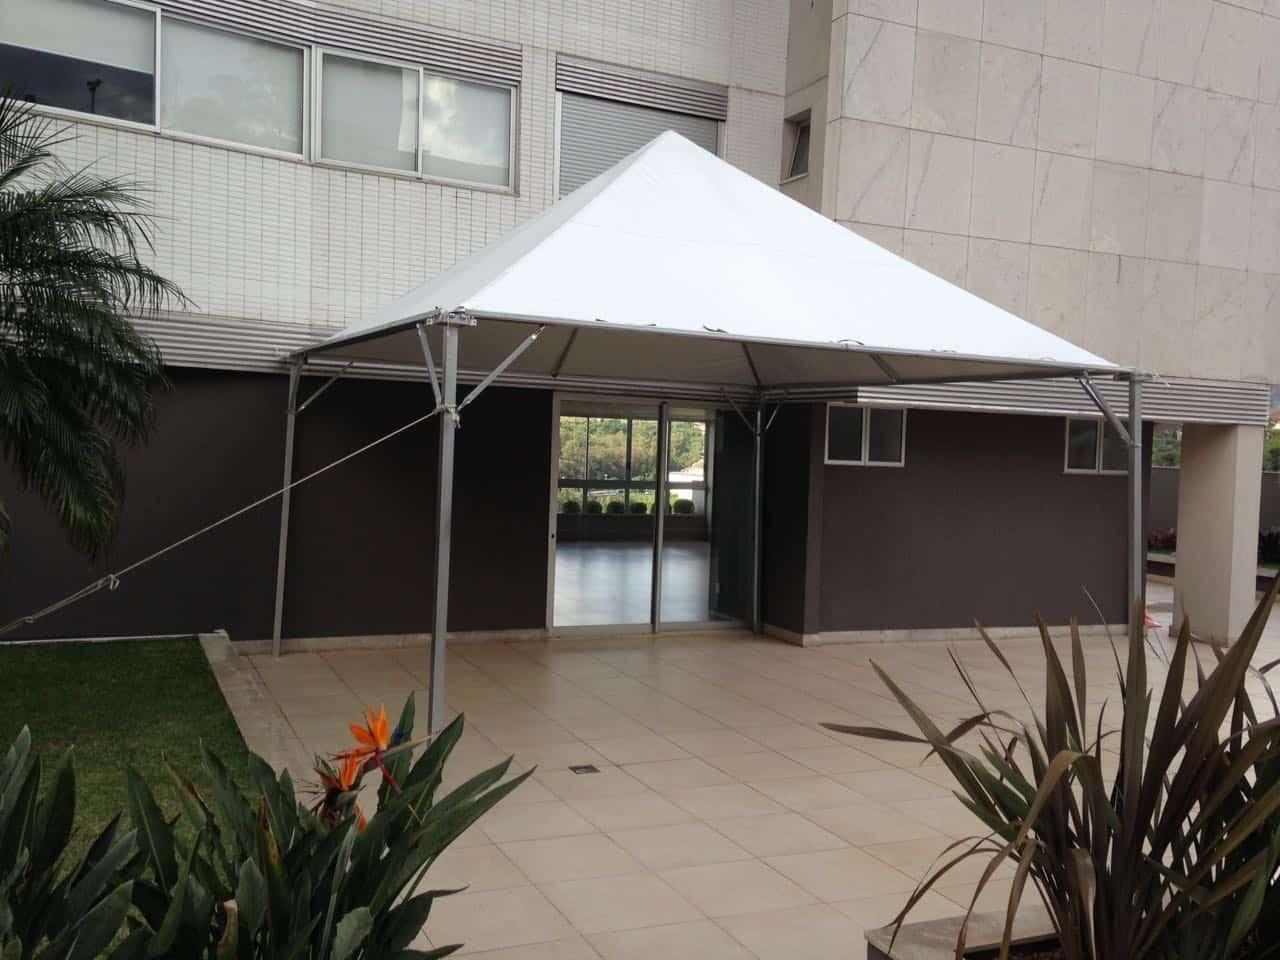 Tenda 5x5 com calhas laterais - Foto 1